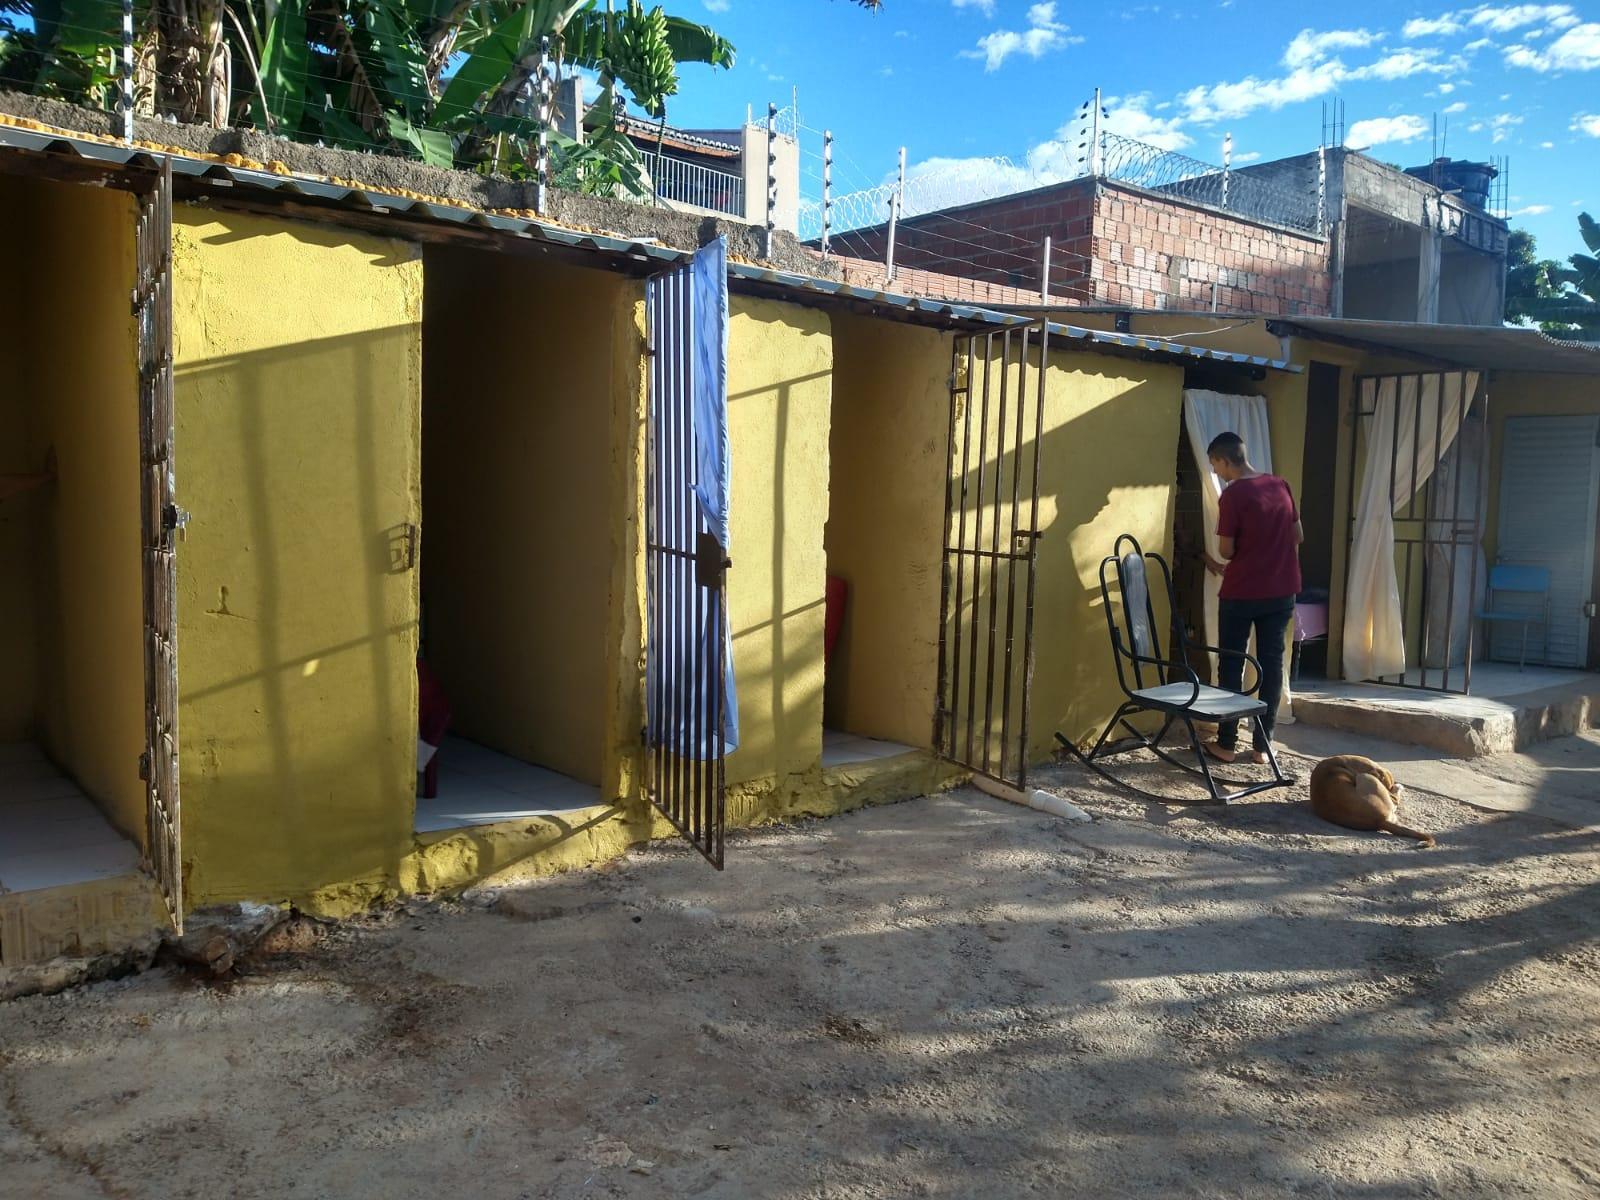 Na clínica, a Polícia Civil constatou que todas as mulheres estavam aprisionadas em celas sem condições sanitárias